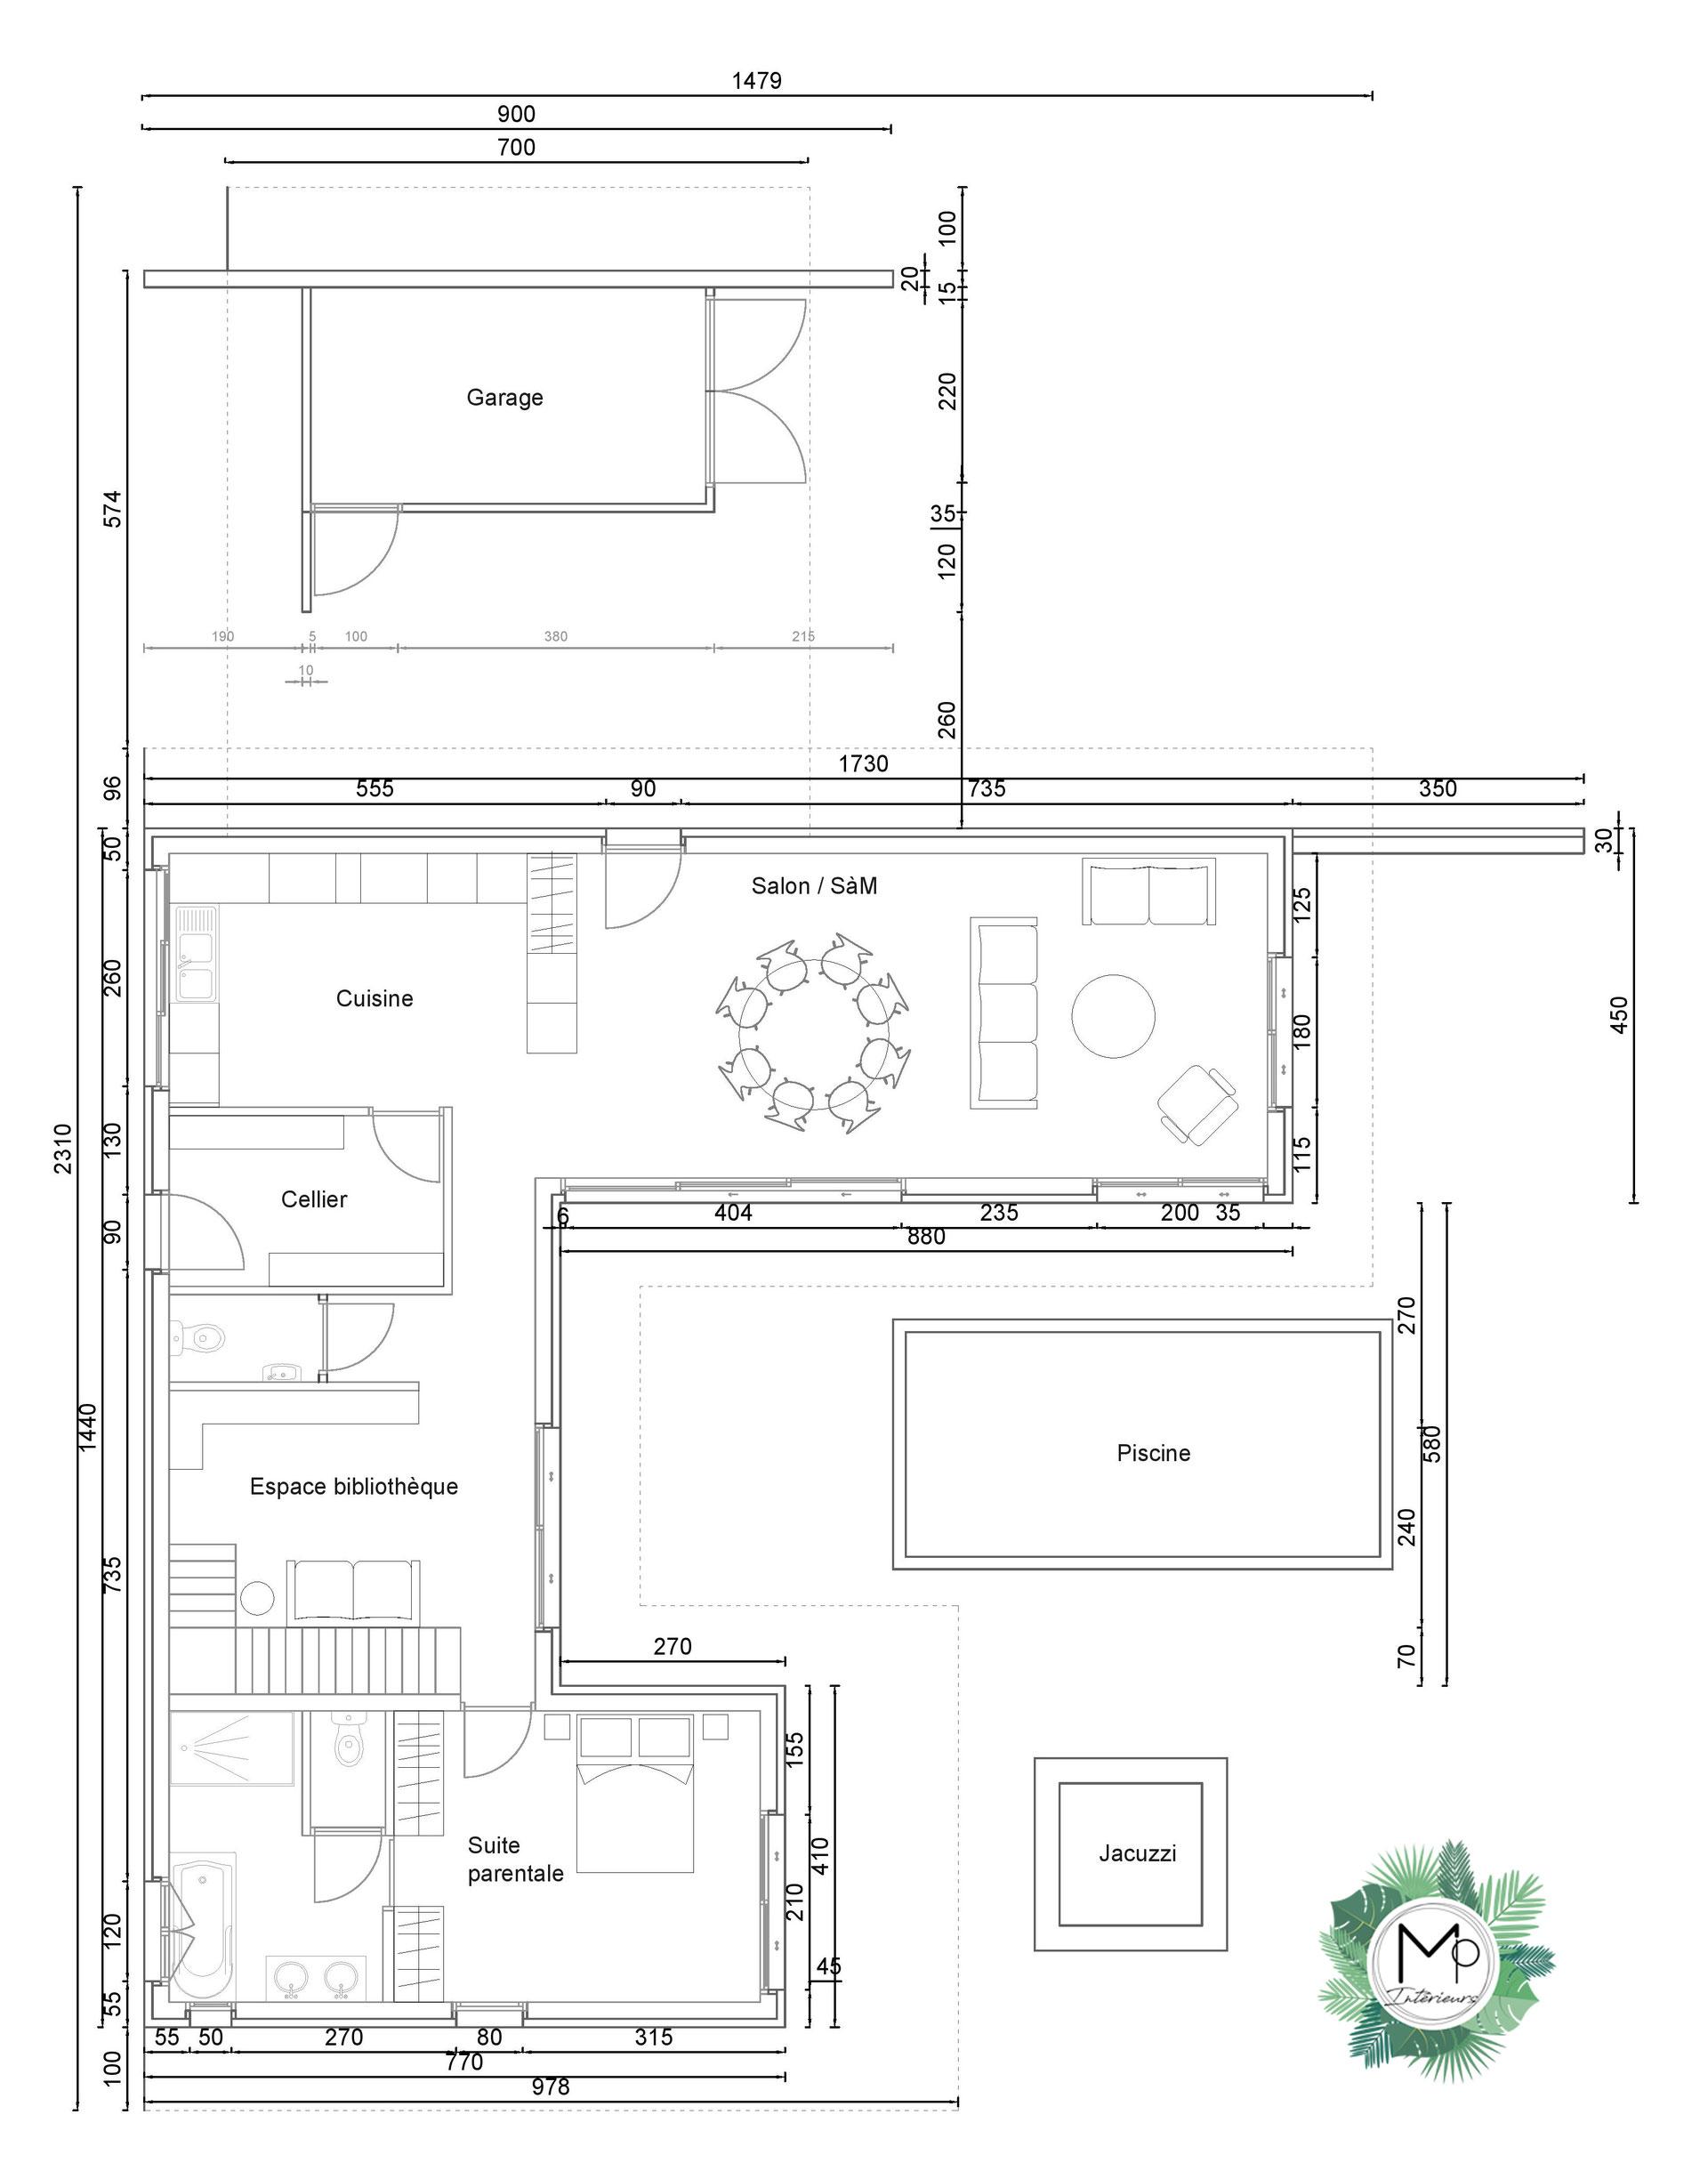 Plans maisons architecture - Architecte d'intérieur Bordeaux UFDI 33